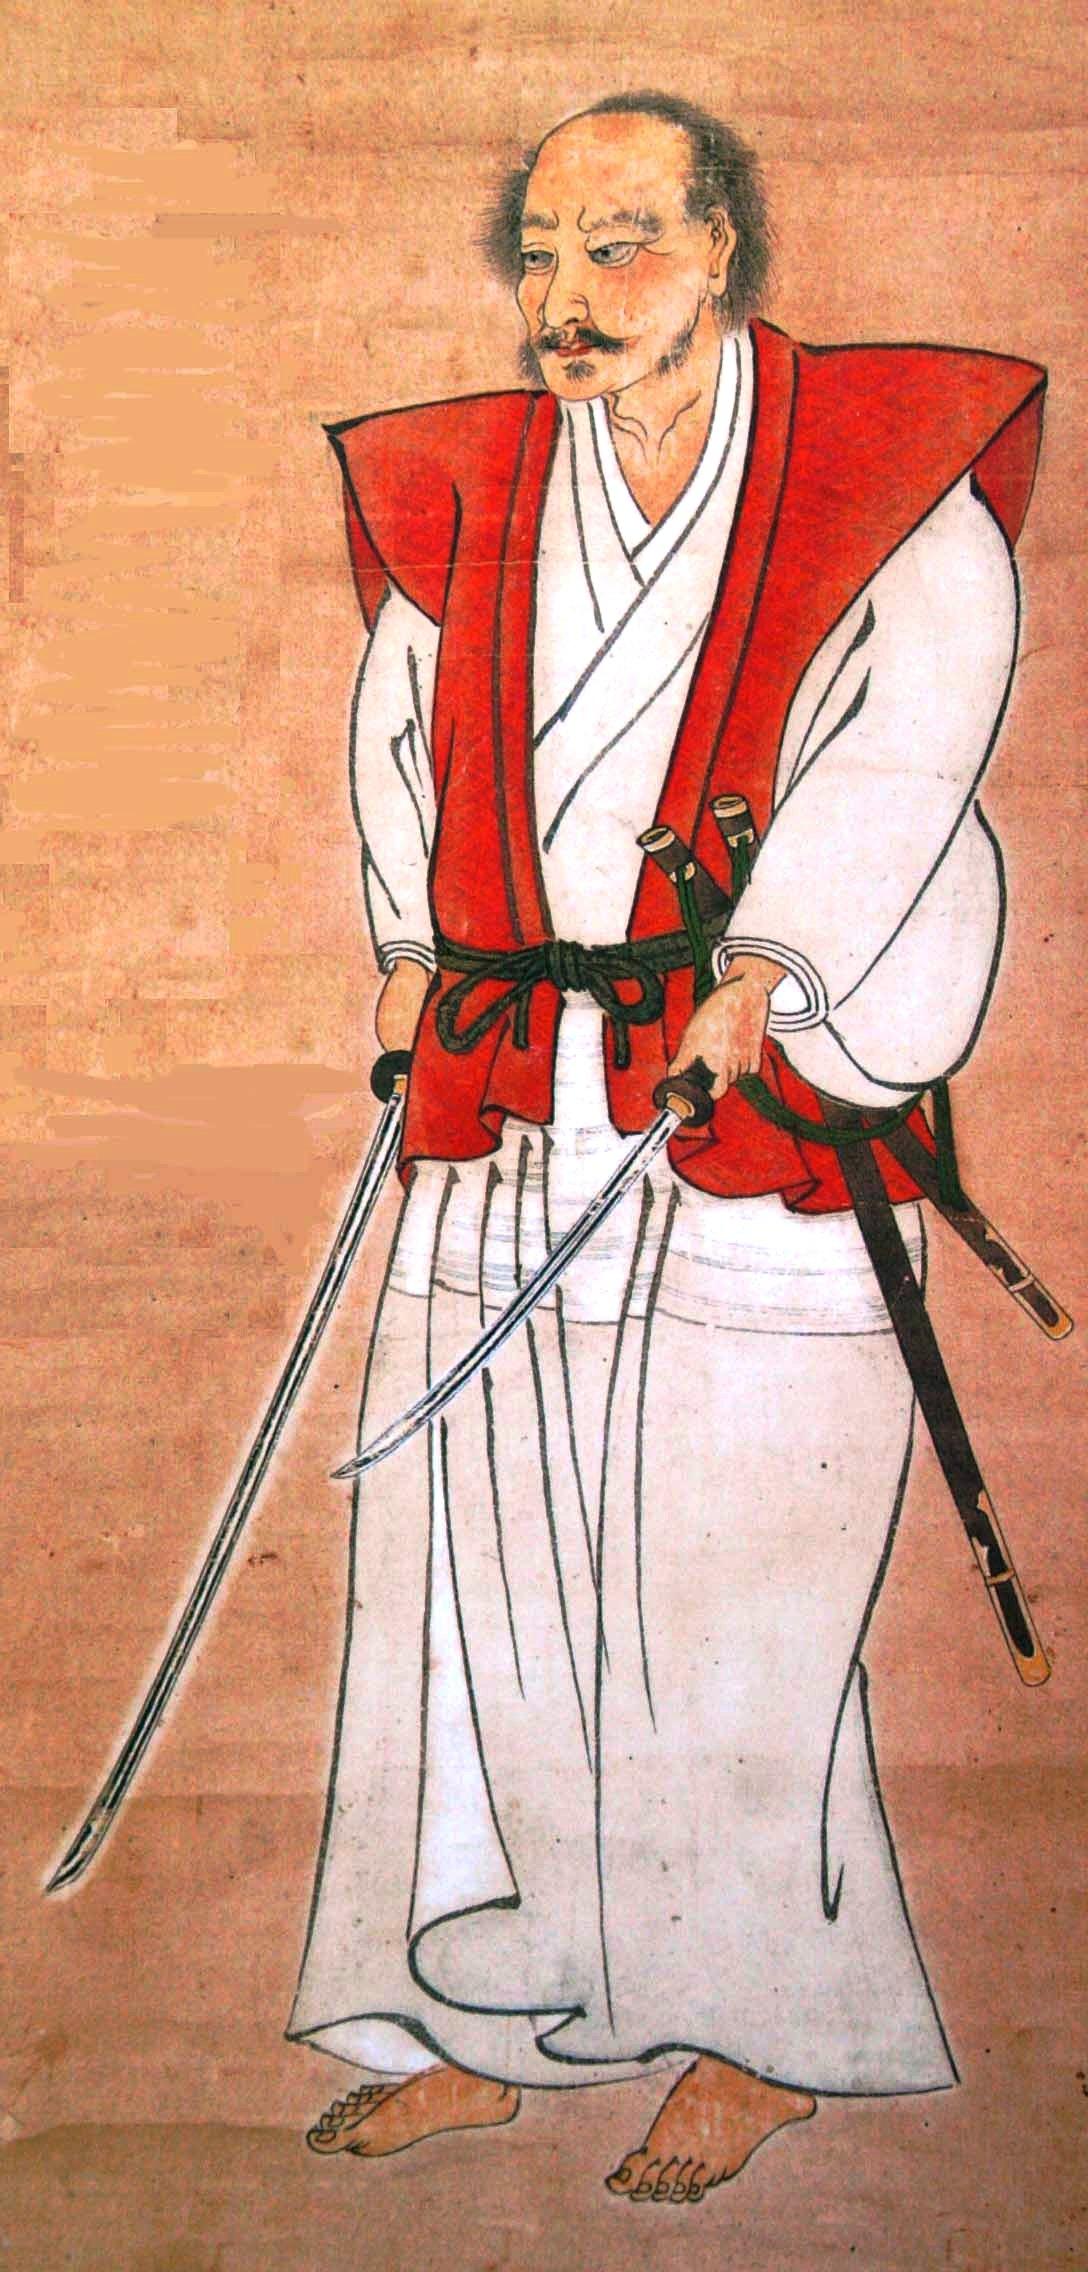 miyamoto-musas-i-self-portrait.jpg